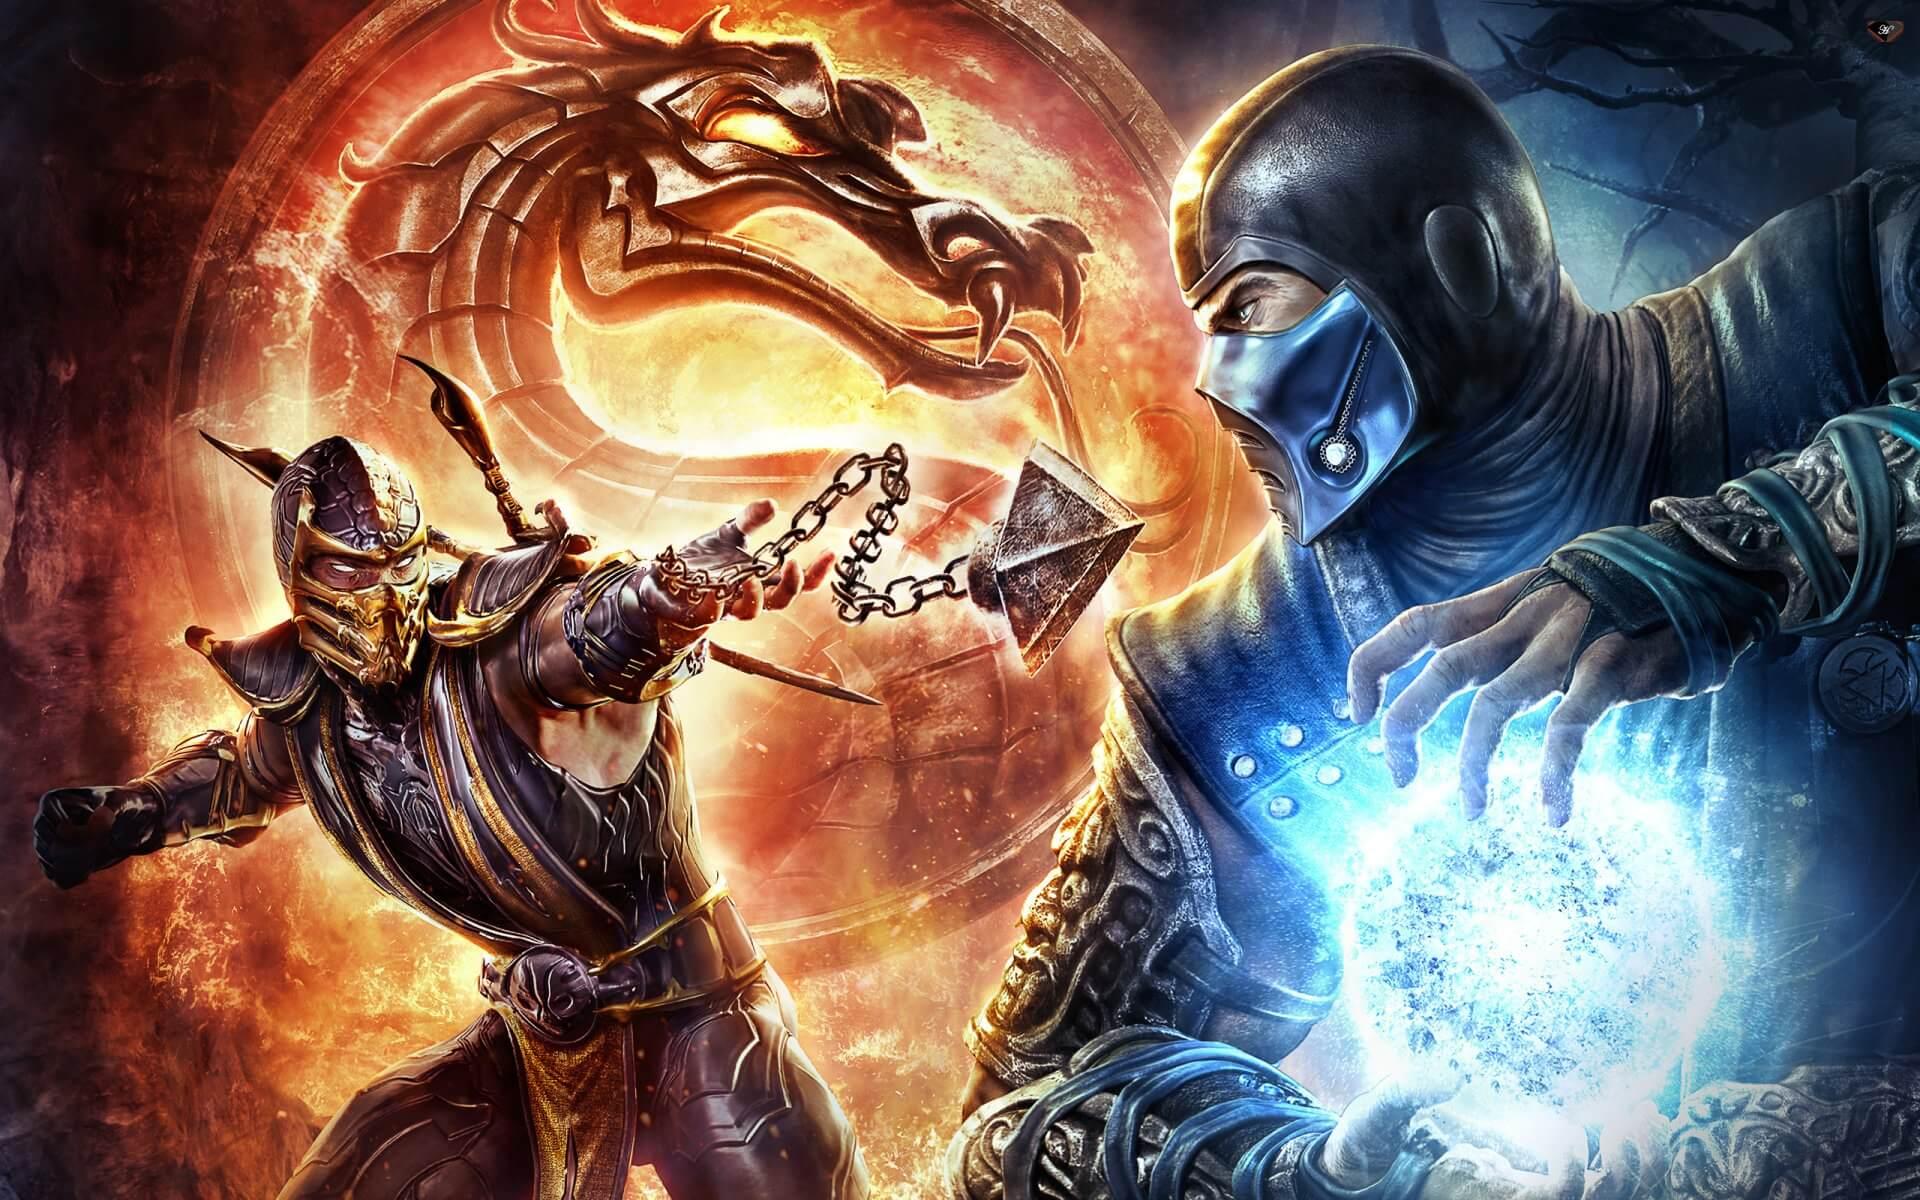 Mortal Kombat se convierte en la serie de lucha más vendida de la historia de los videojuegos